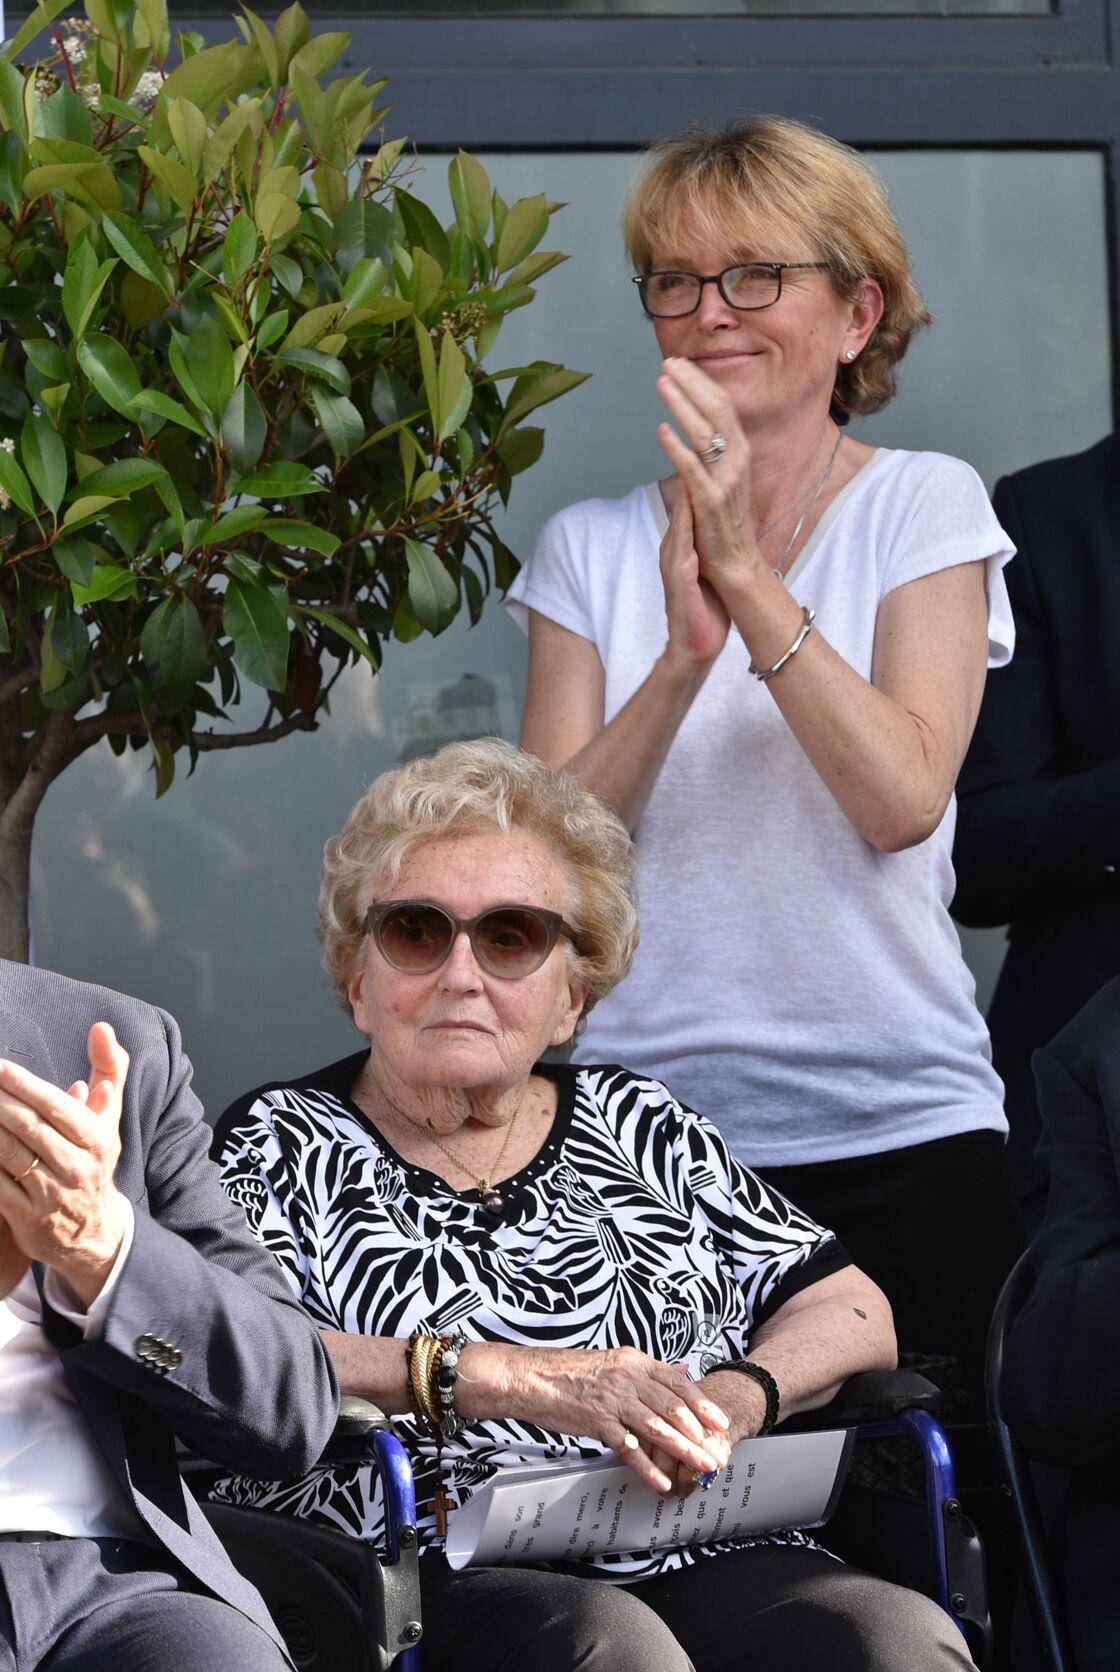 Bernadette et Claude Chirac à l'inauguration de la rue Jacques et Bernadette Chirac de Brive-la-Gaillarde, le 8 juin 2018.